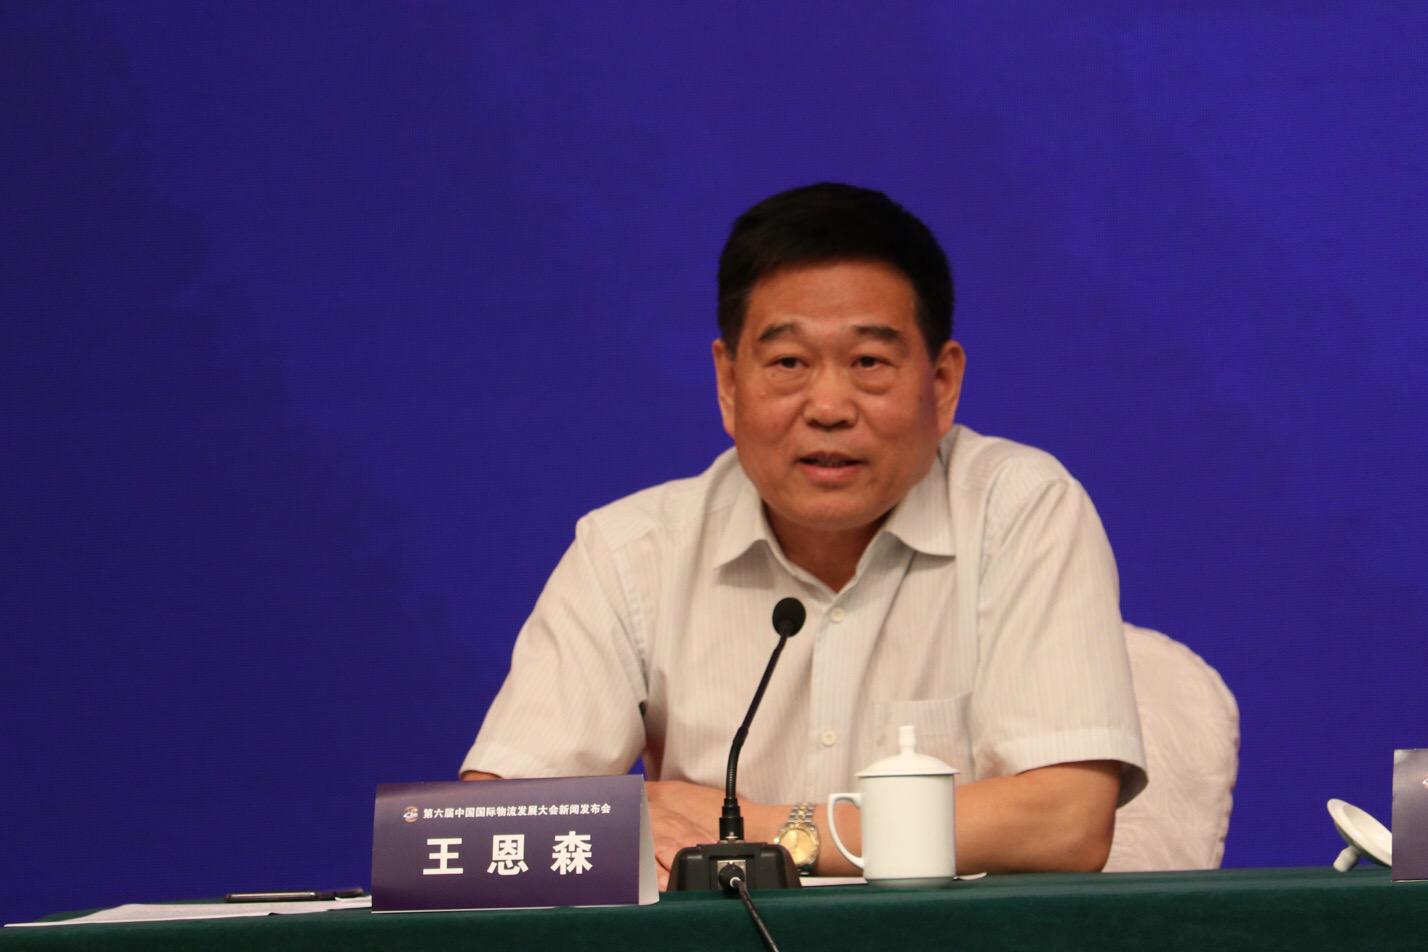 """""""互联互融•协同发展""""第六届中国国际物流发展大会将于10月17日在石家庄开幕-焦点中国网"""